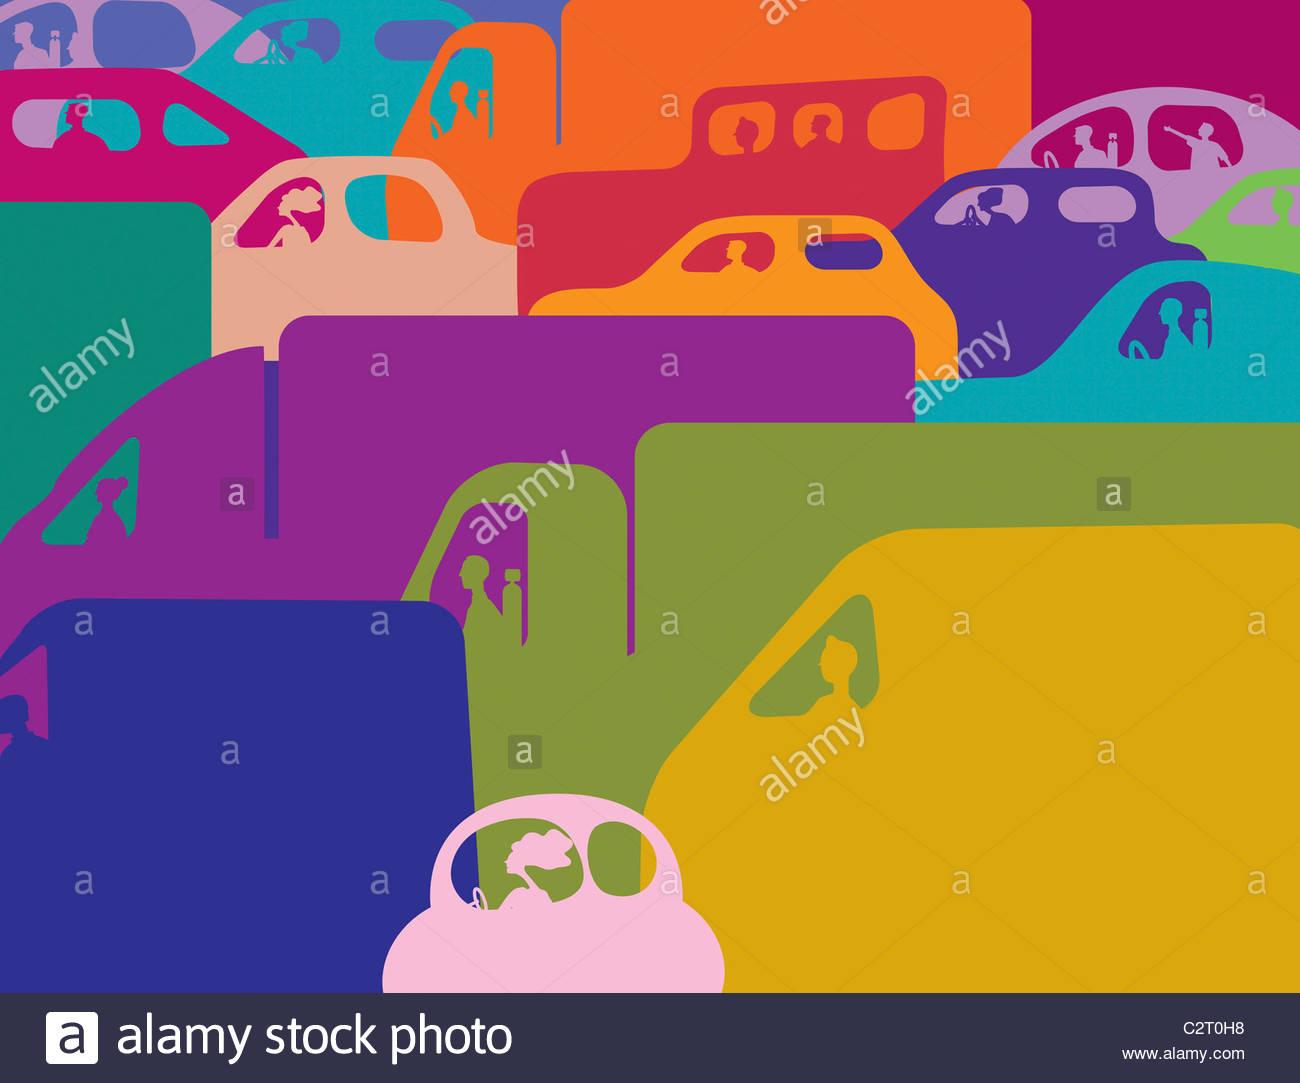 Congestionamento de tráfego coloridos de carros e camiões Imagens de Stock